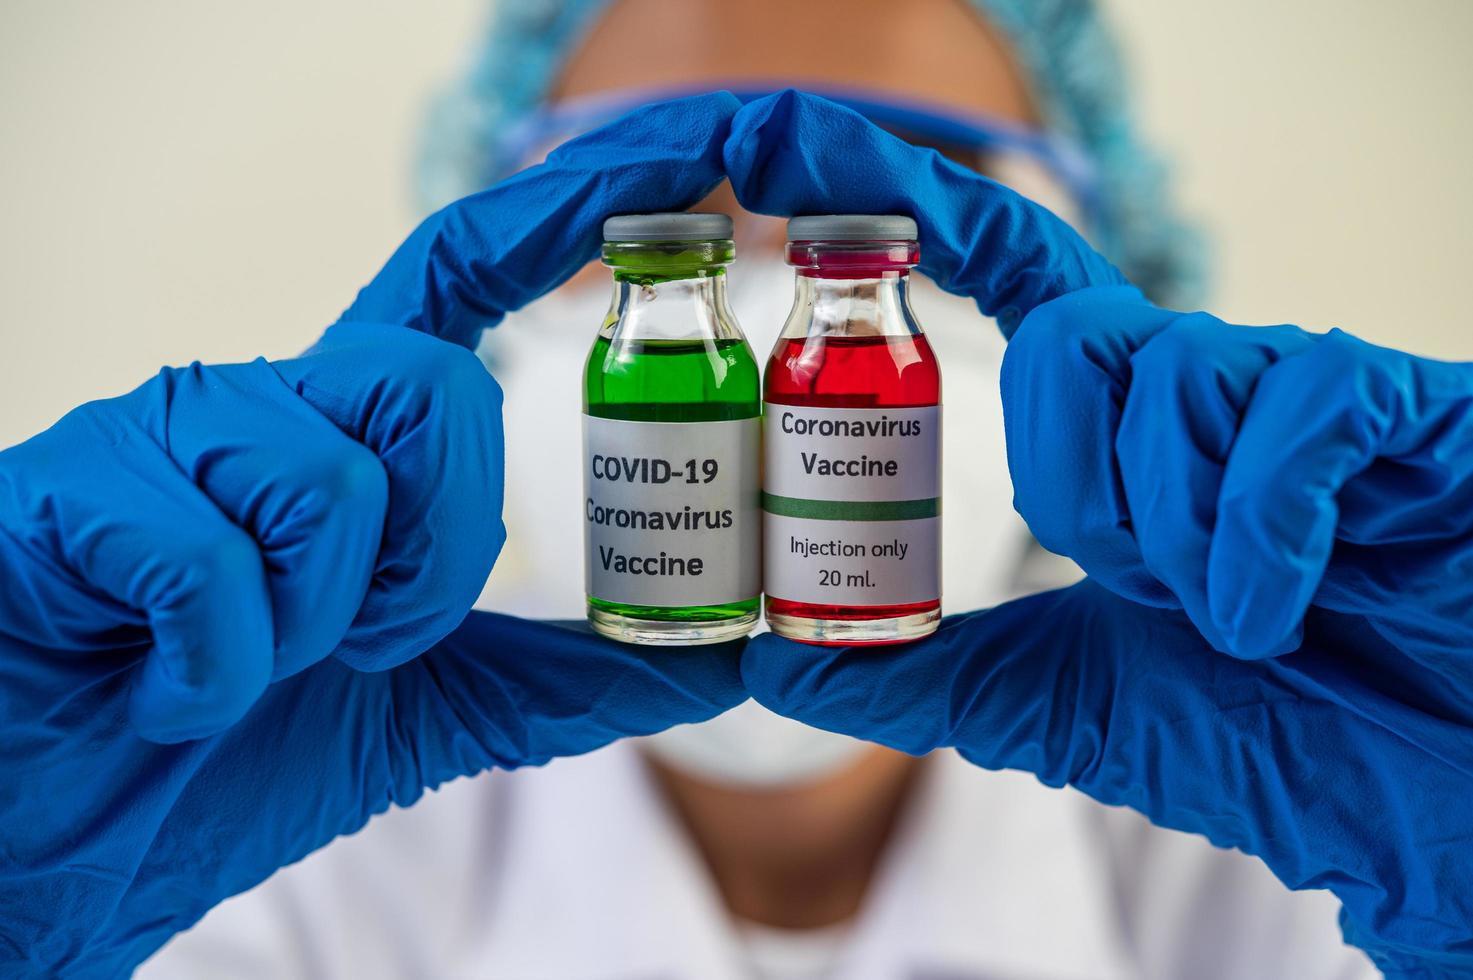 scienziato che mostra fiale con vaccini per proteggersi da covid-19 foto